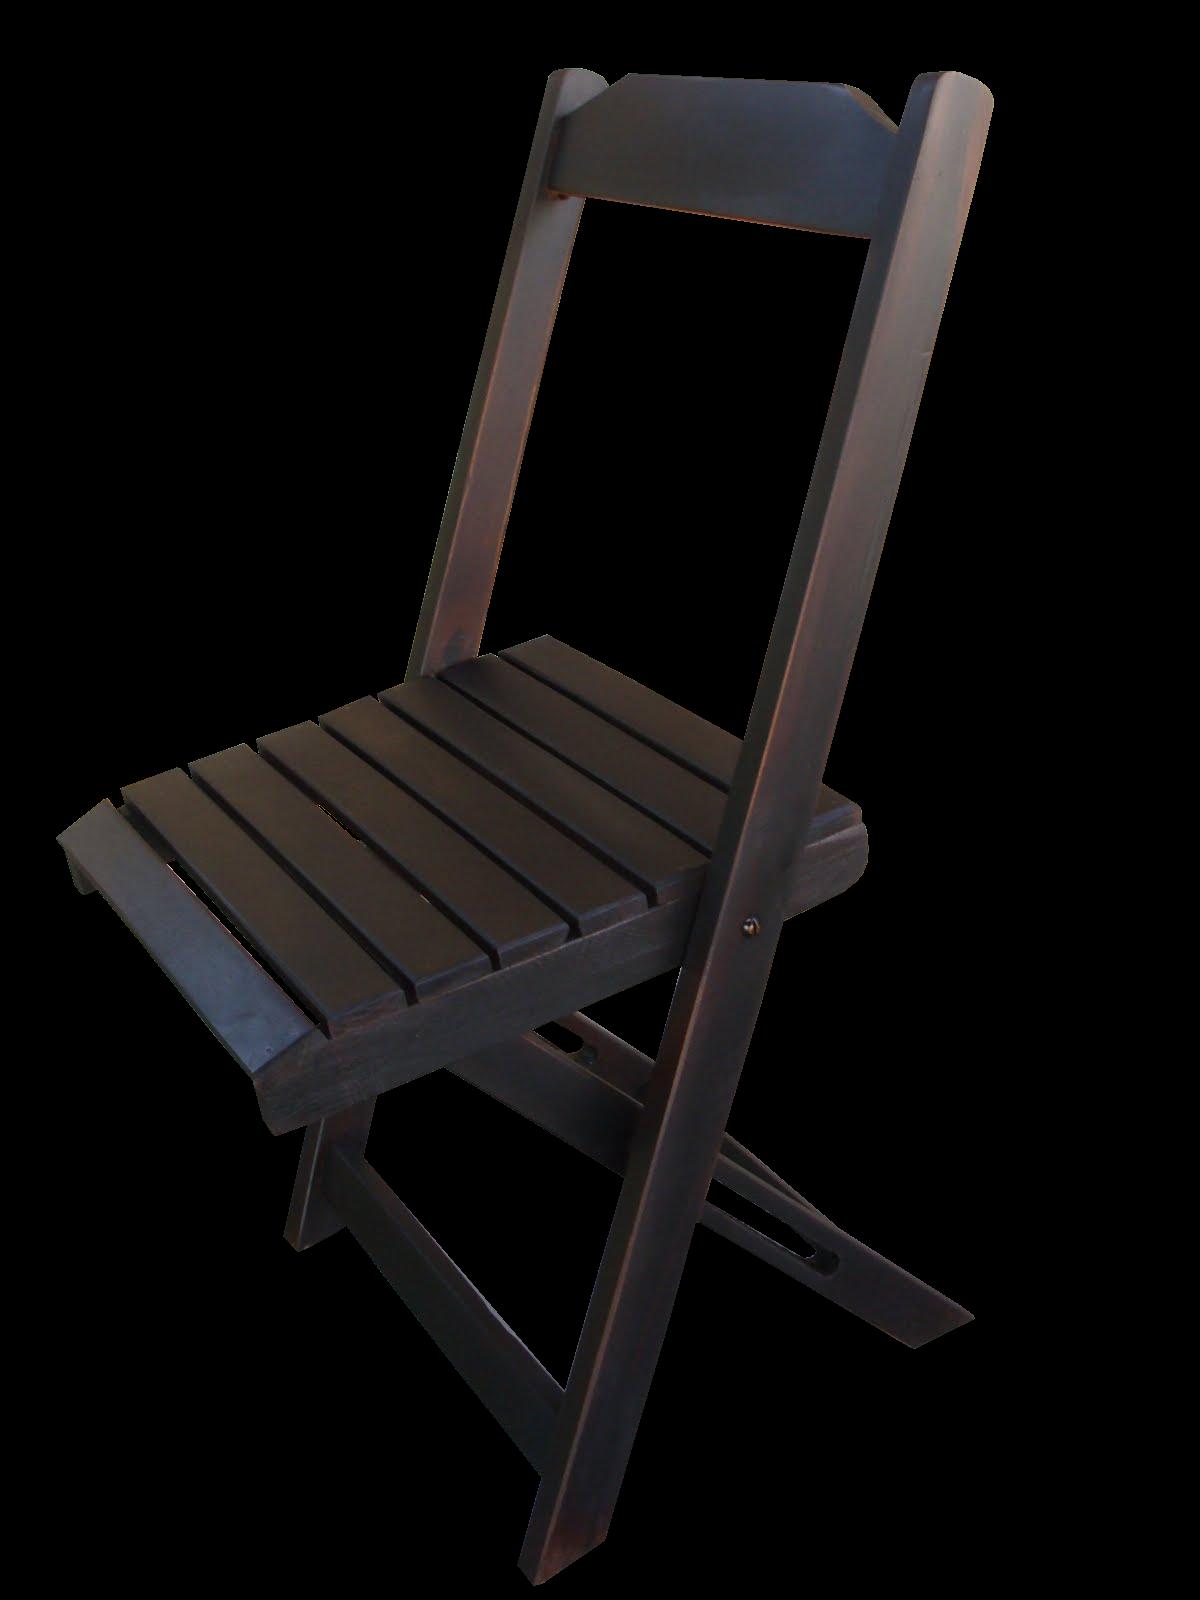 Nordeste Cadeiras: Nossos Modelos 100% Madeira #444C5D 1200x1600